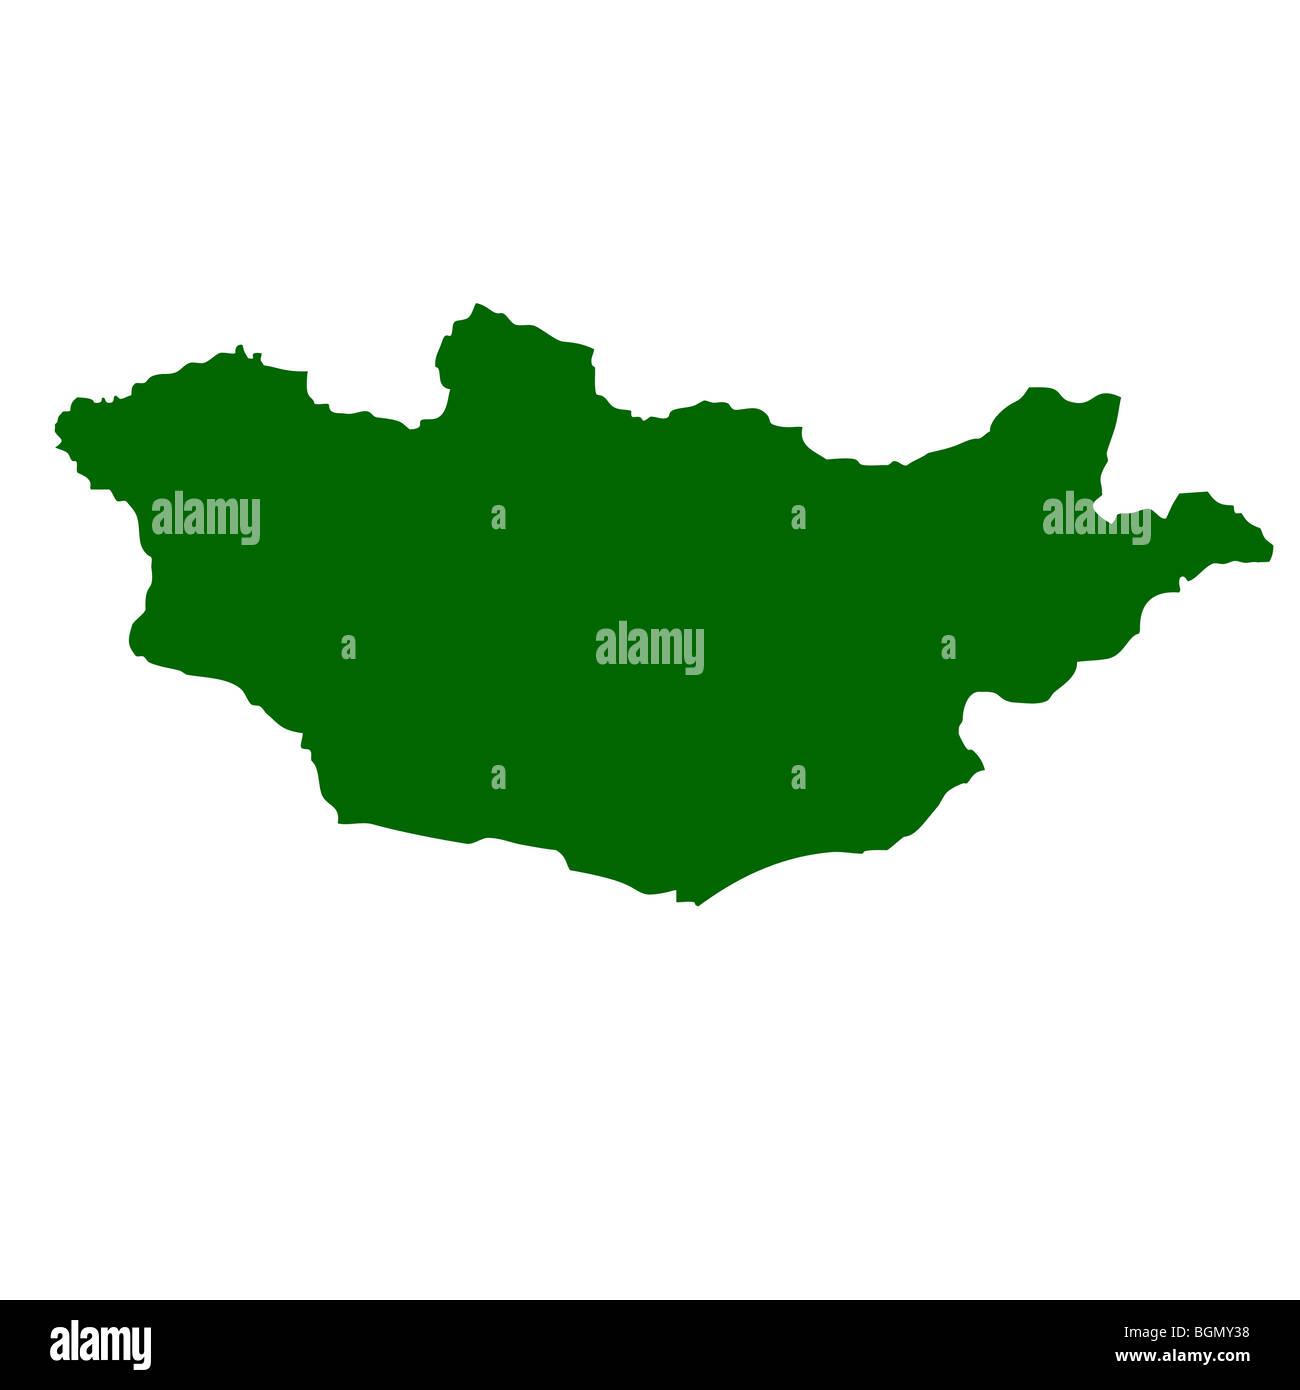 Mongolia map isolated on white background. - Stock Image